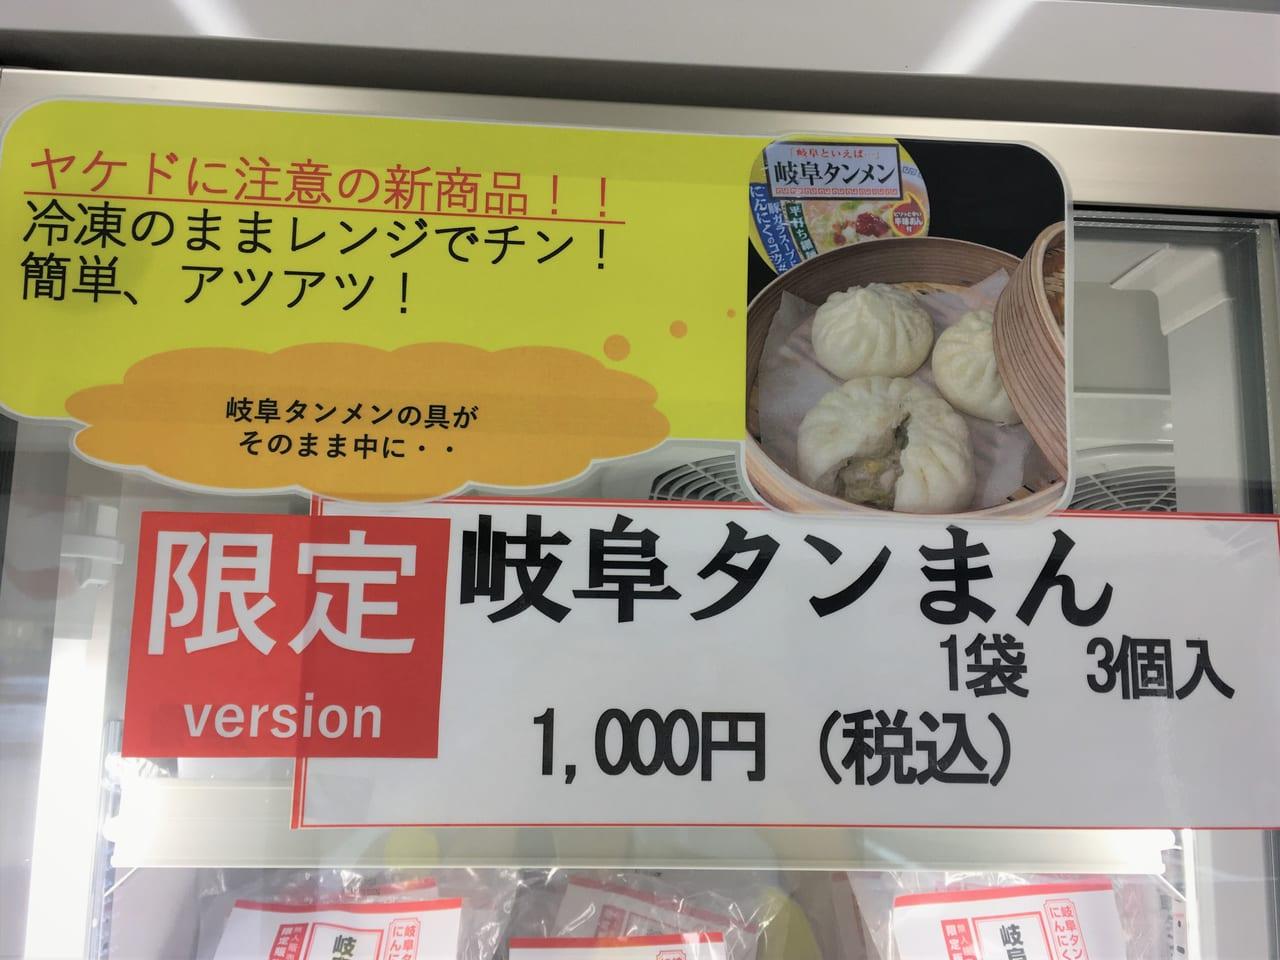 岐阜タンメンの24時間無人餃子販売所 岐阜タンまんが売っているところ